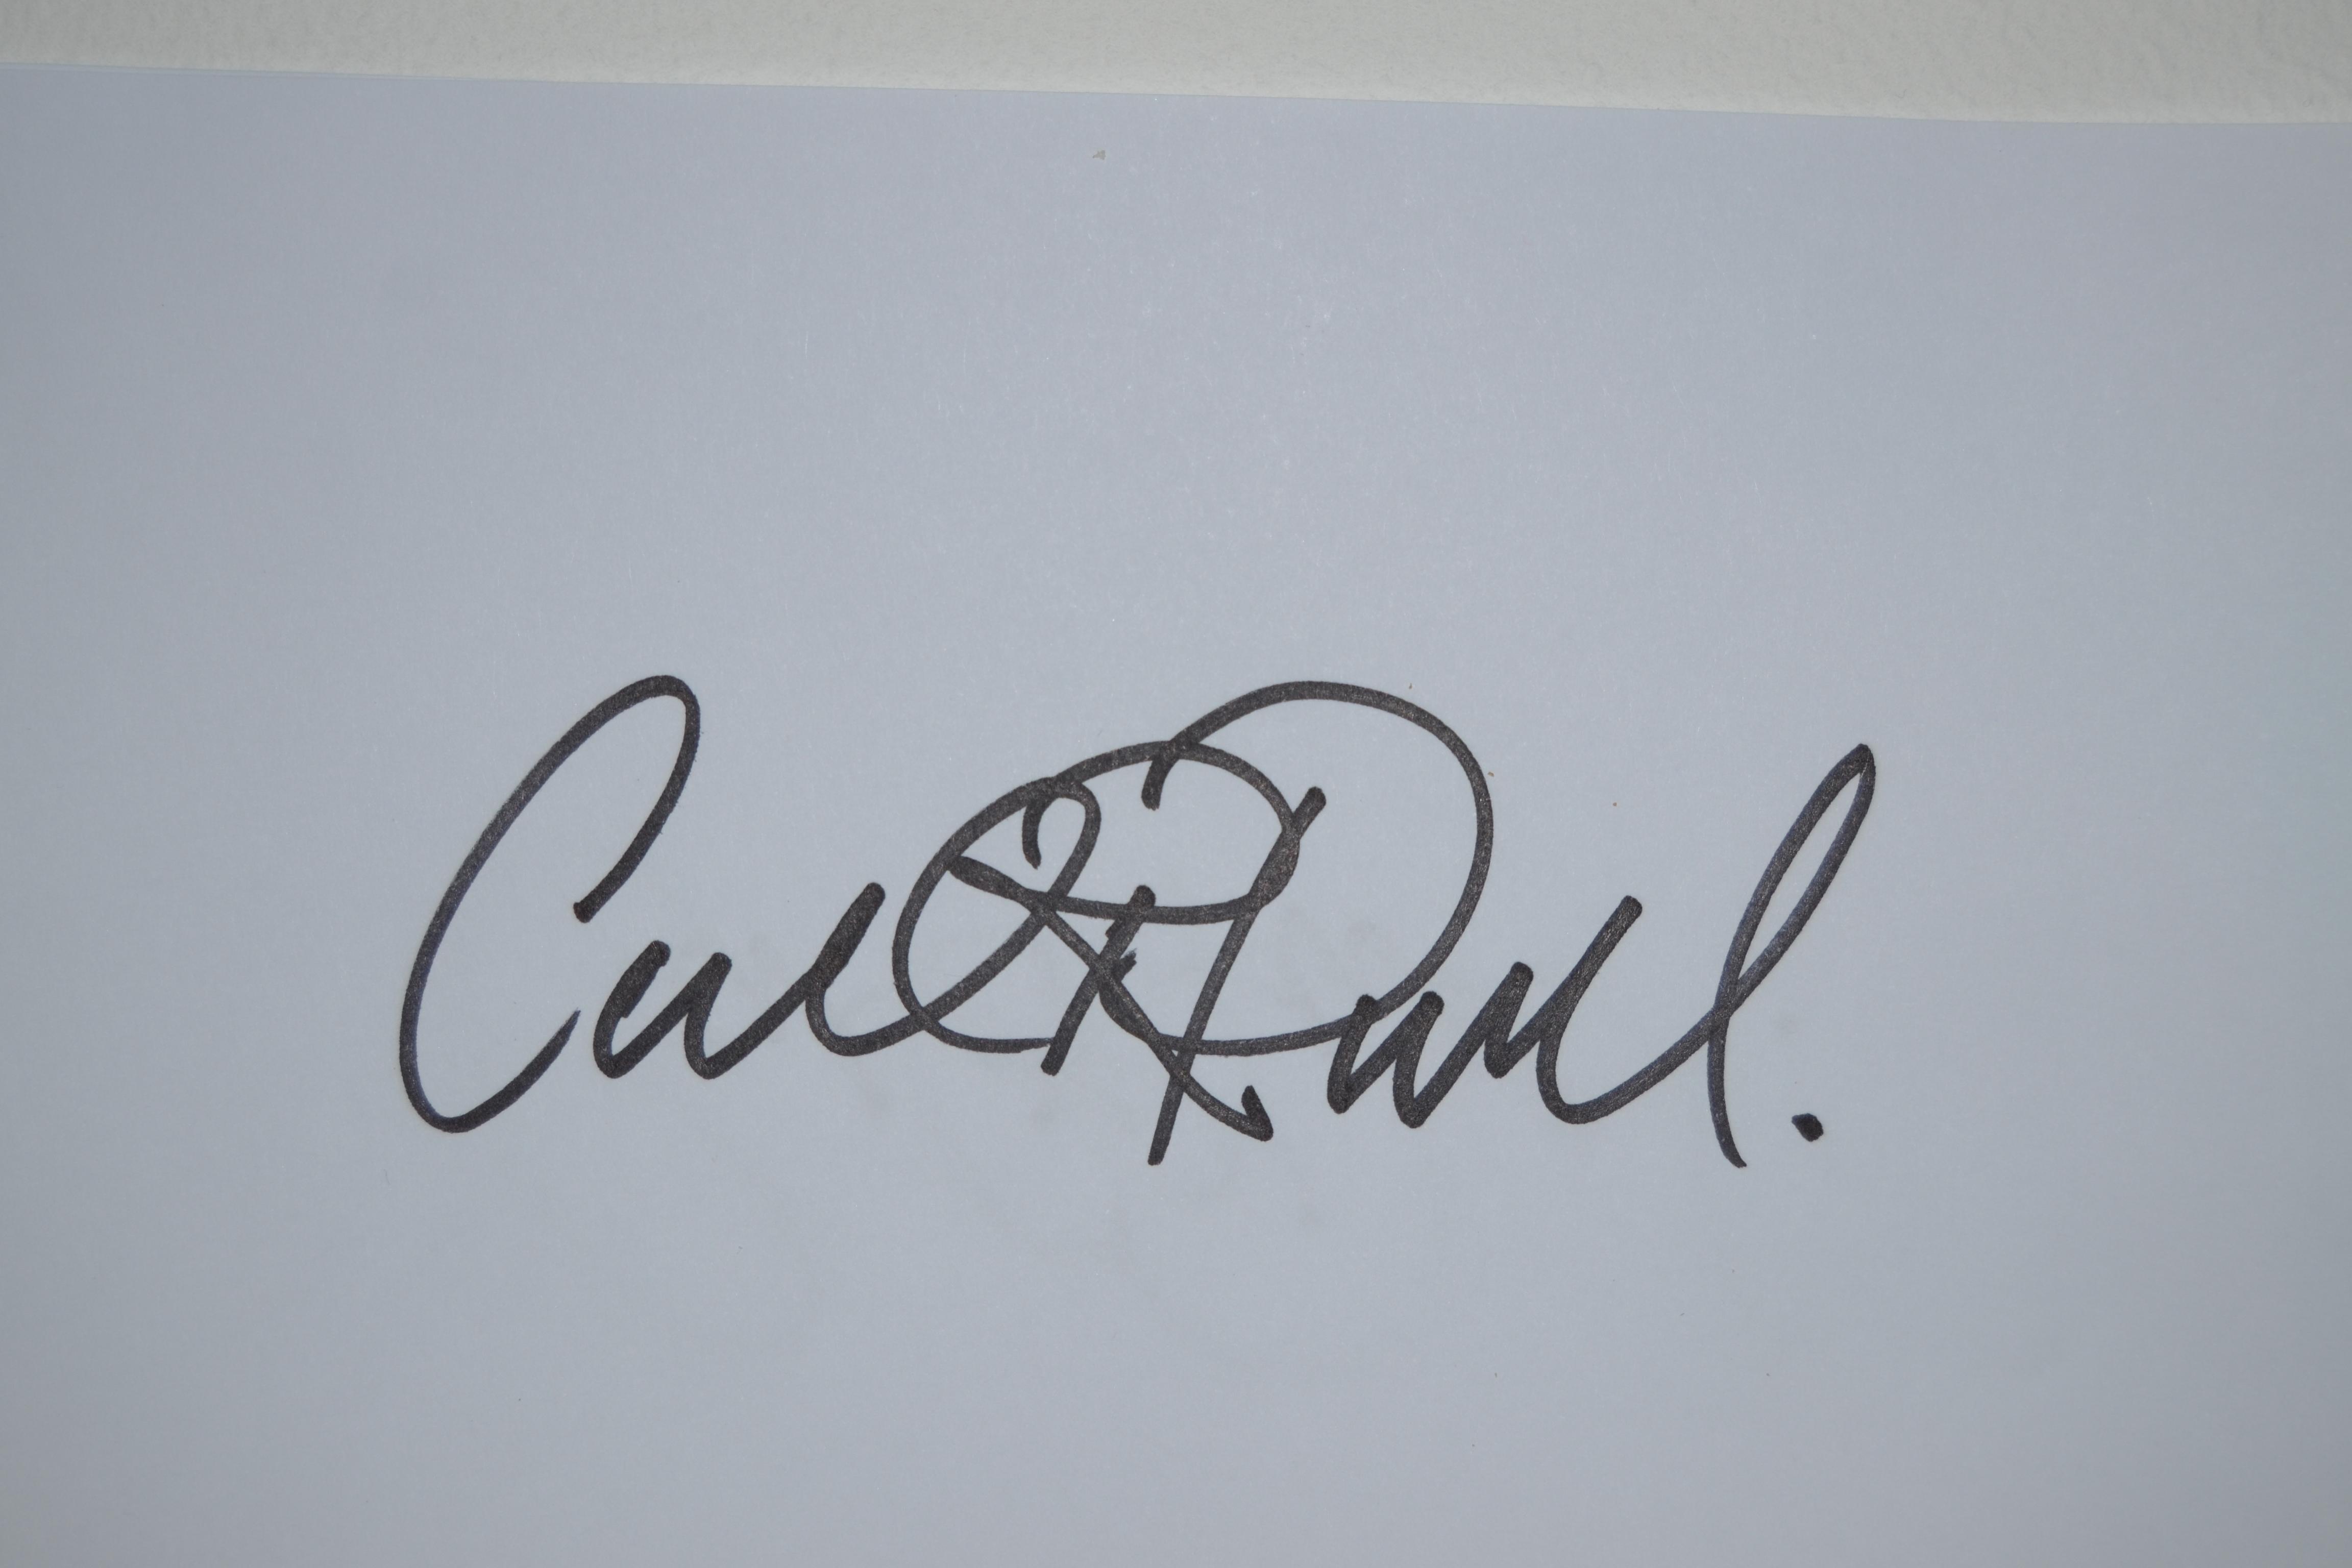 Carl Paul Signature